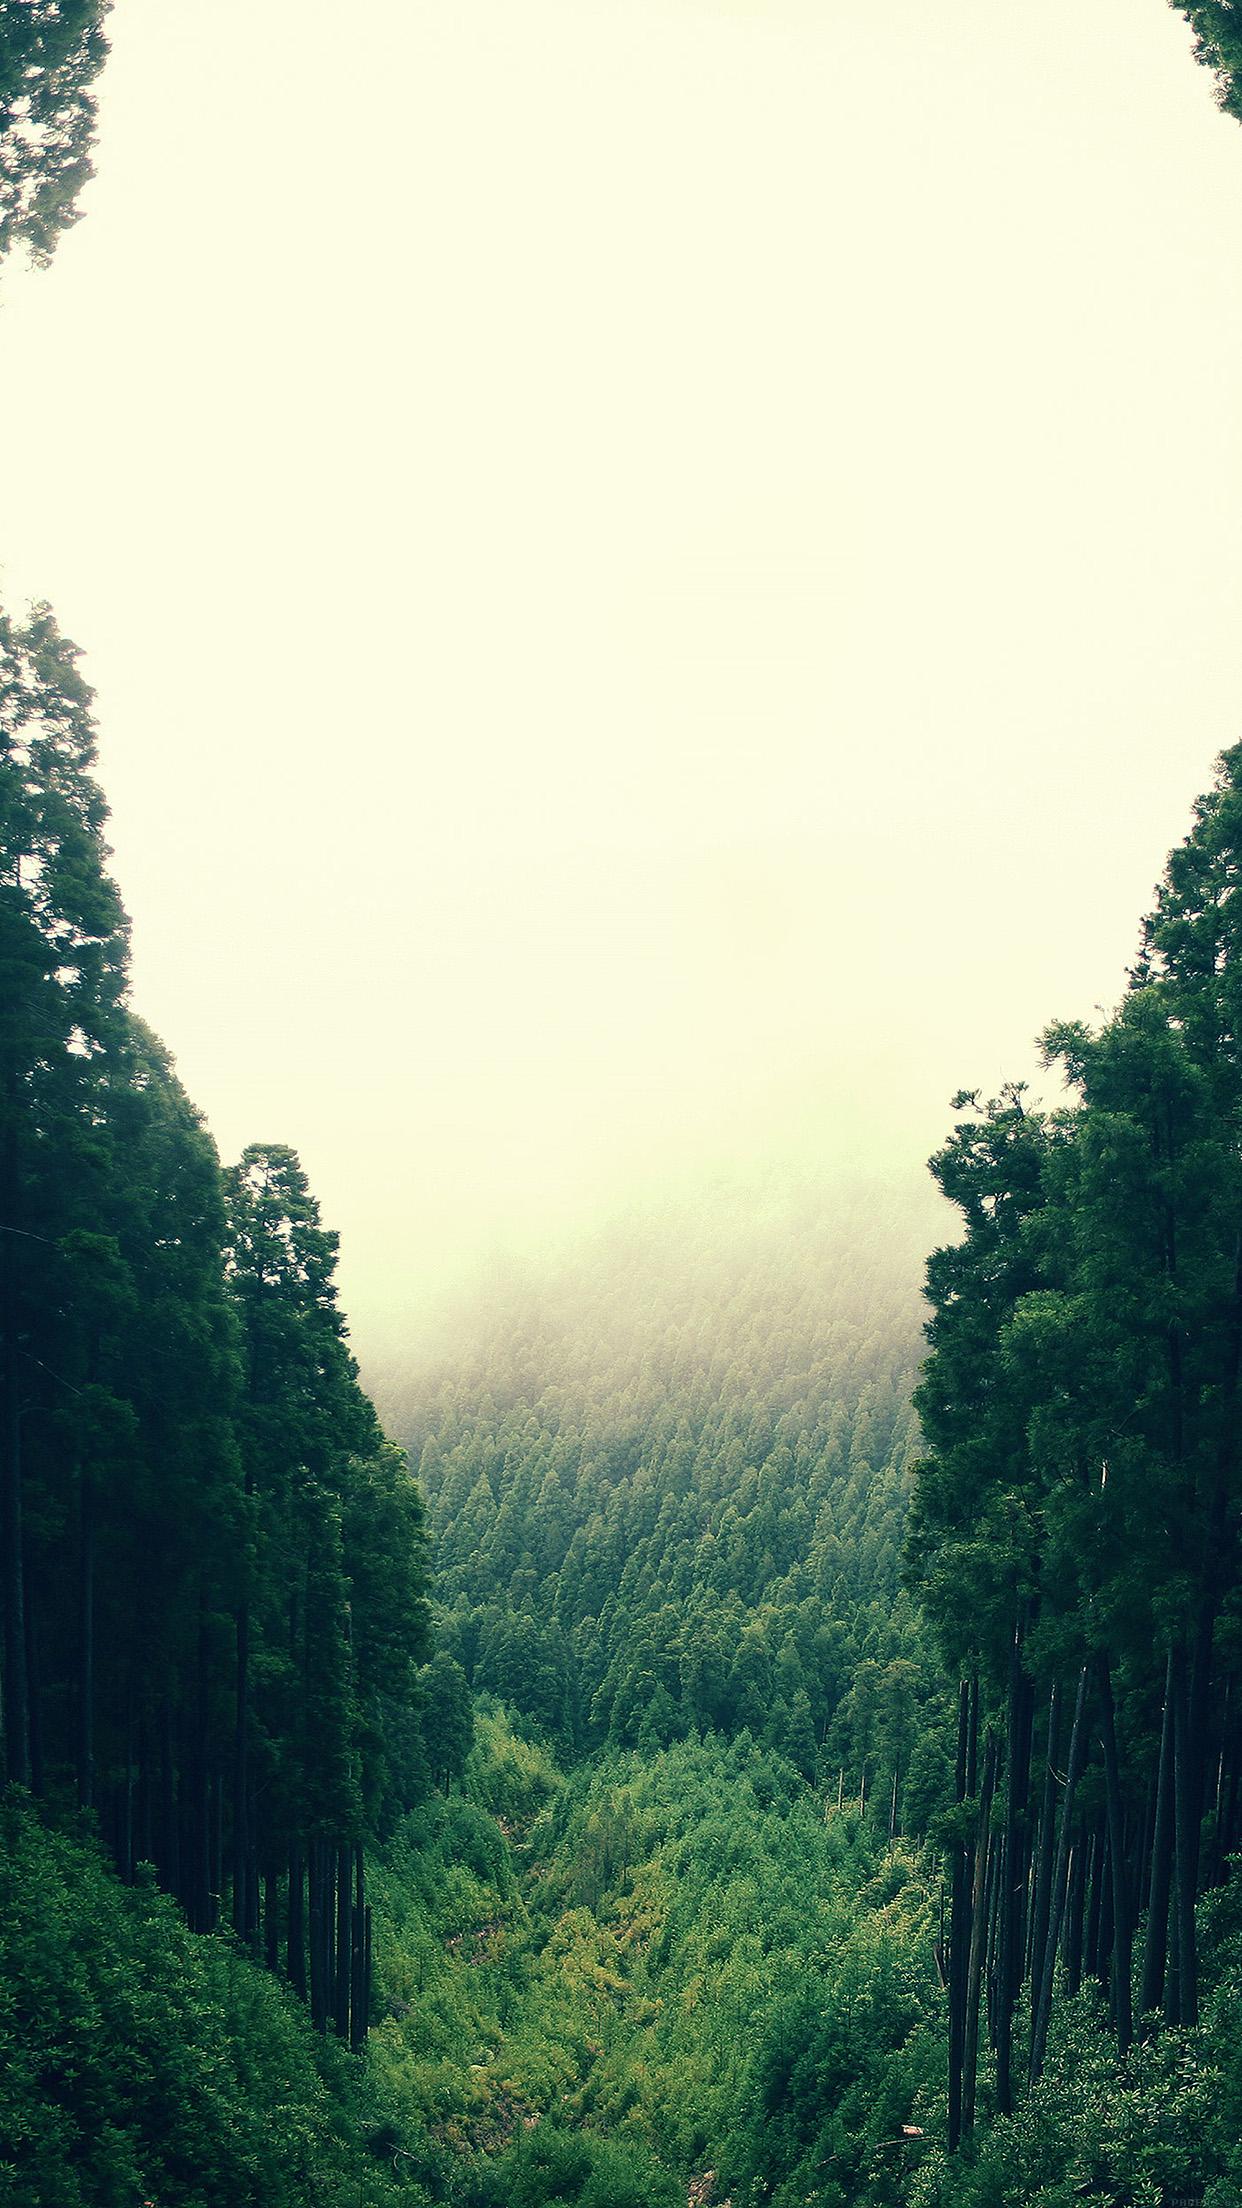 熱帯雨林 iPhone6 Plus壁紙